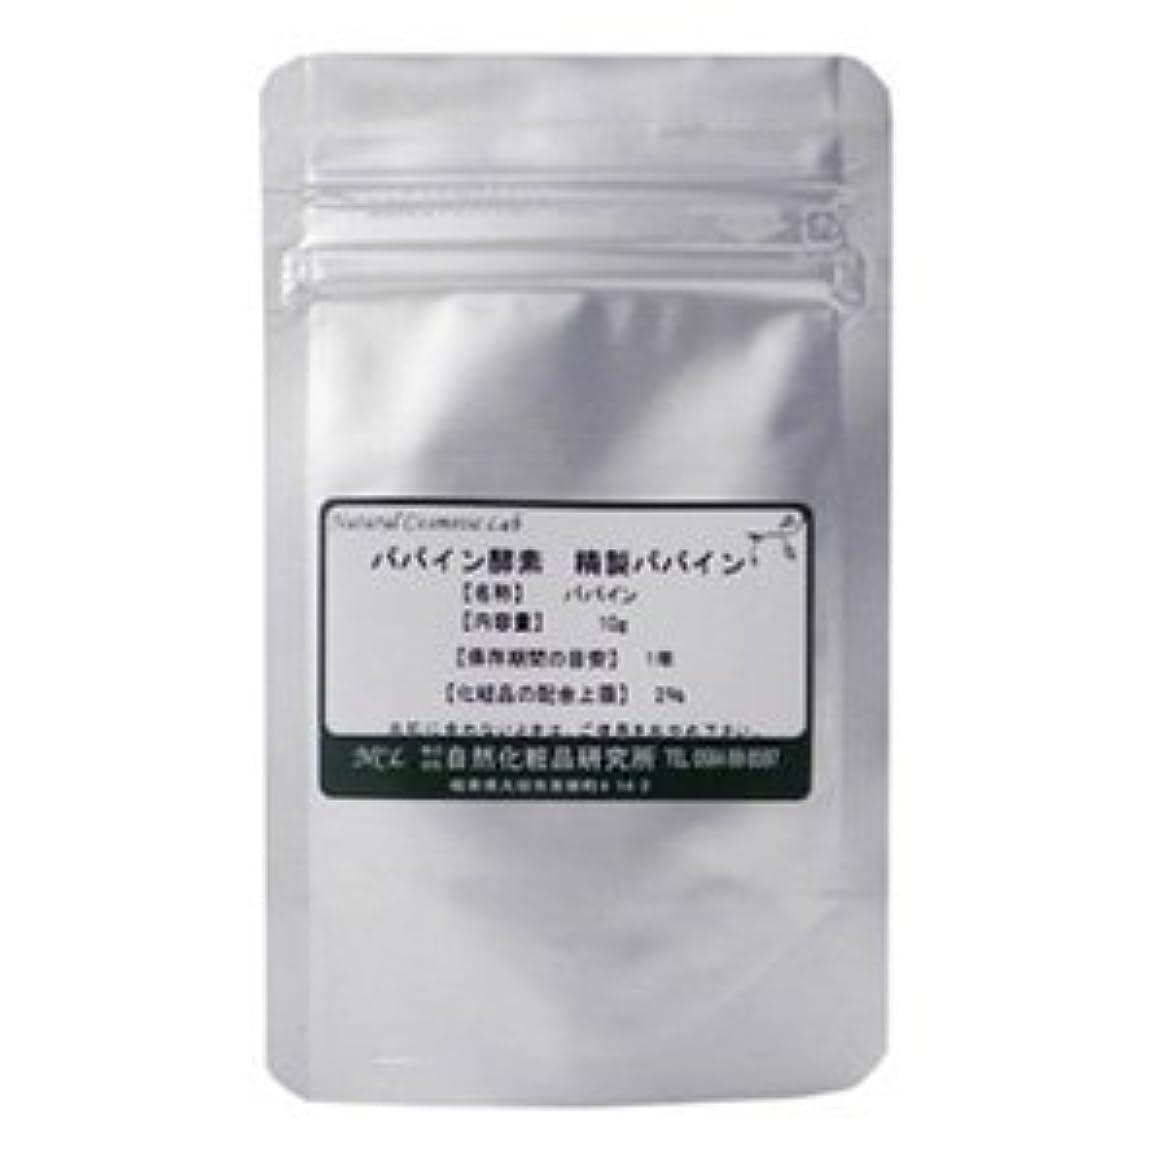 熟達したテレビを見るベーリング海峡パパイン酵素 精製パパイン 洗顔料 化粧品原料 10g